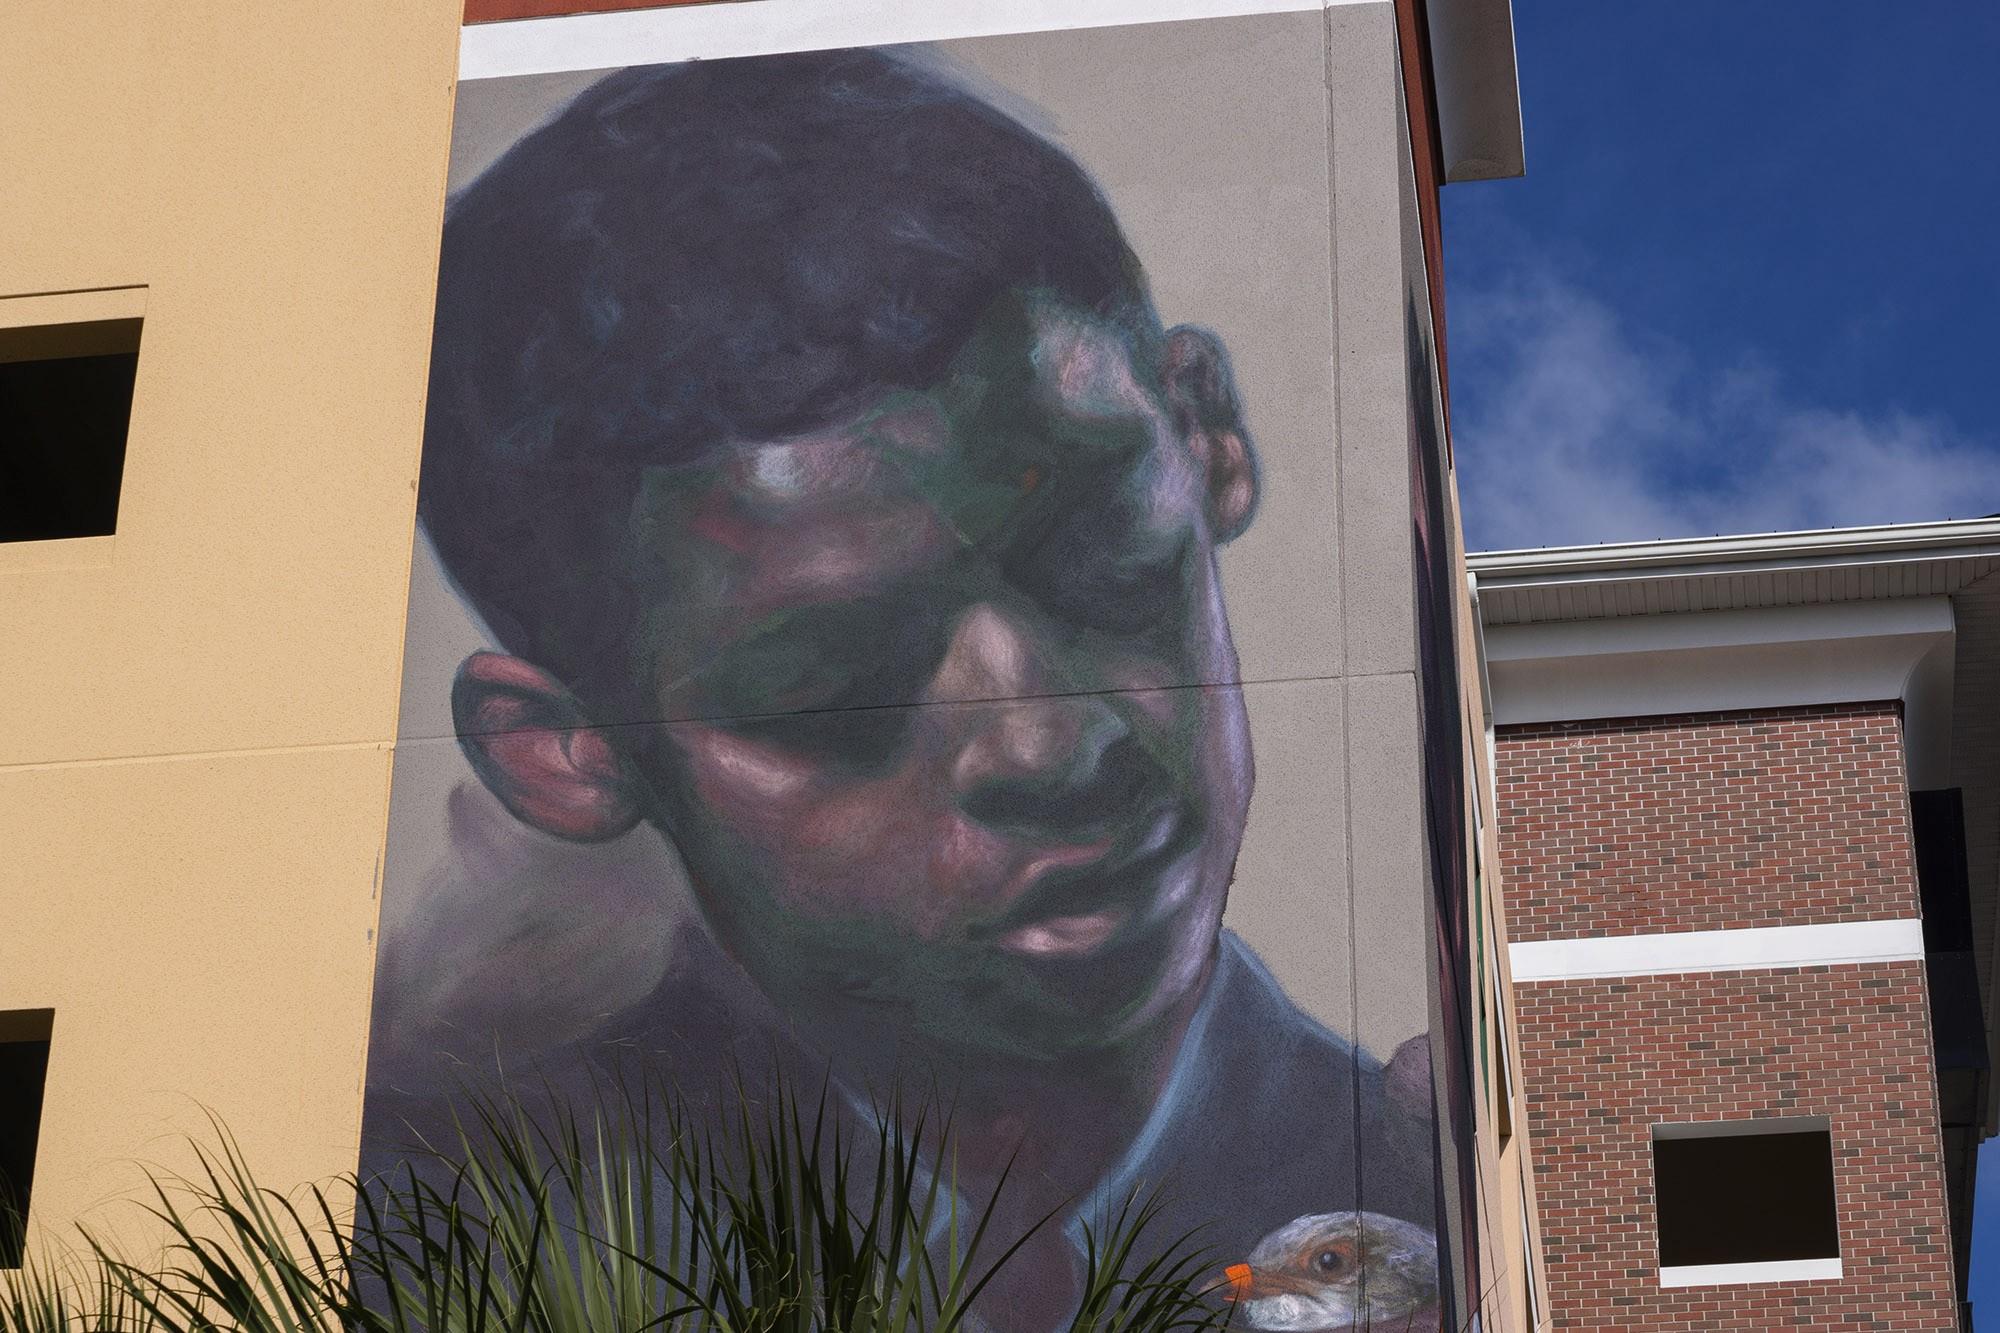 Evoca1 n 352 walls Gainesville_7